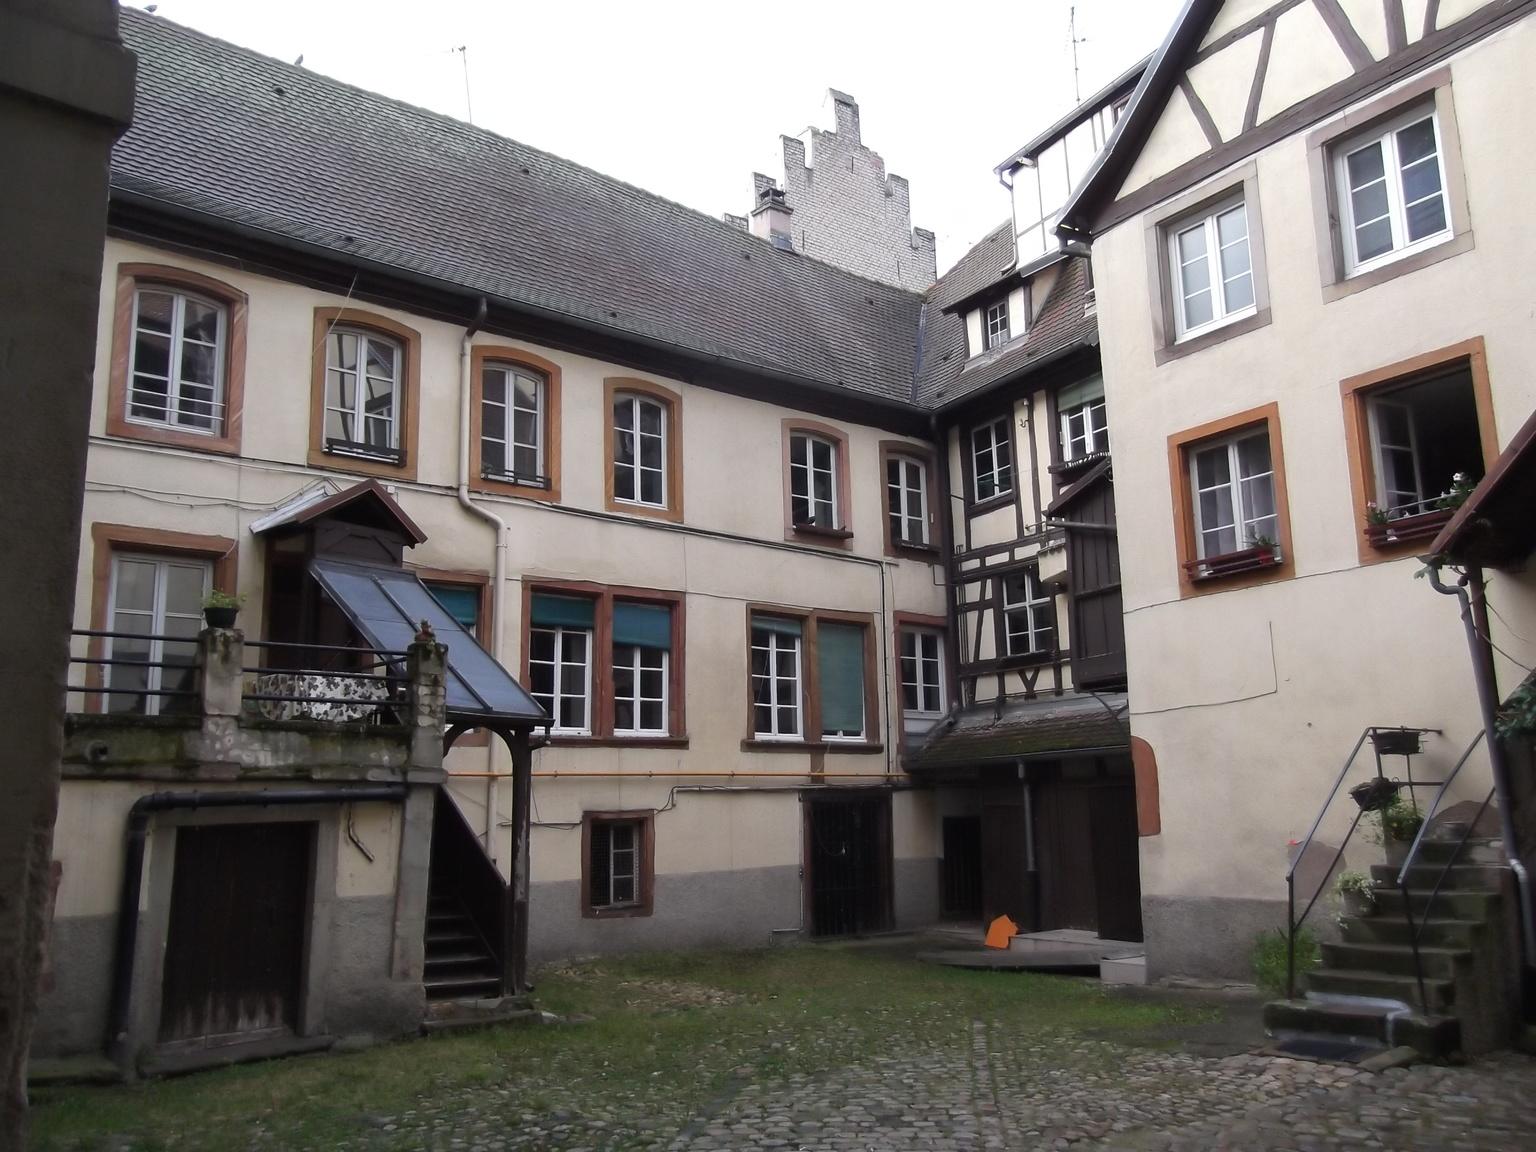 Maisons De Strasbourg R Sultats De Recherche Jean Kamm